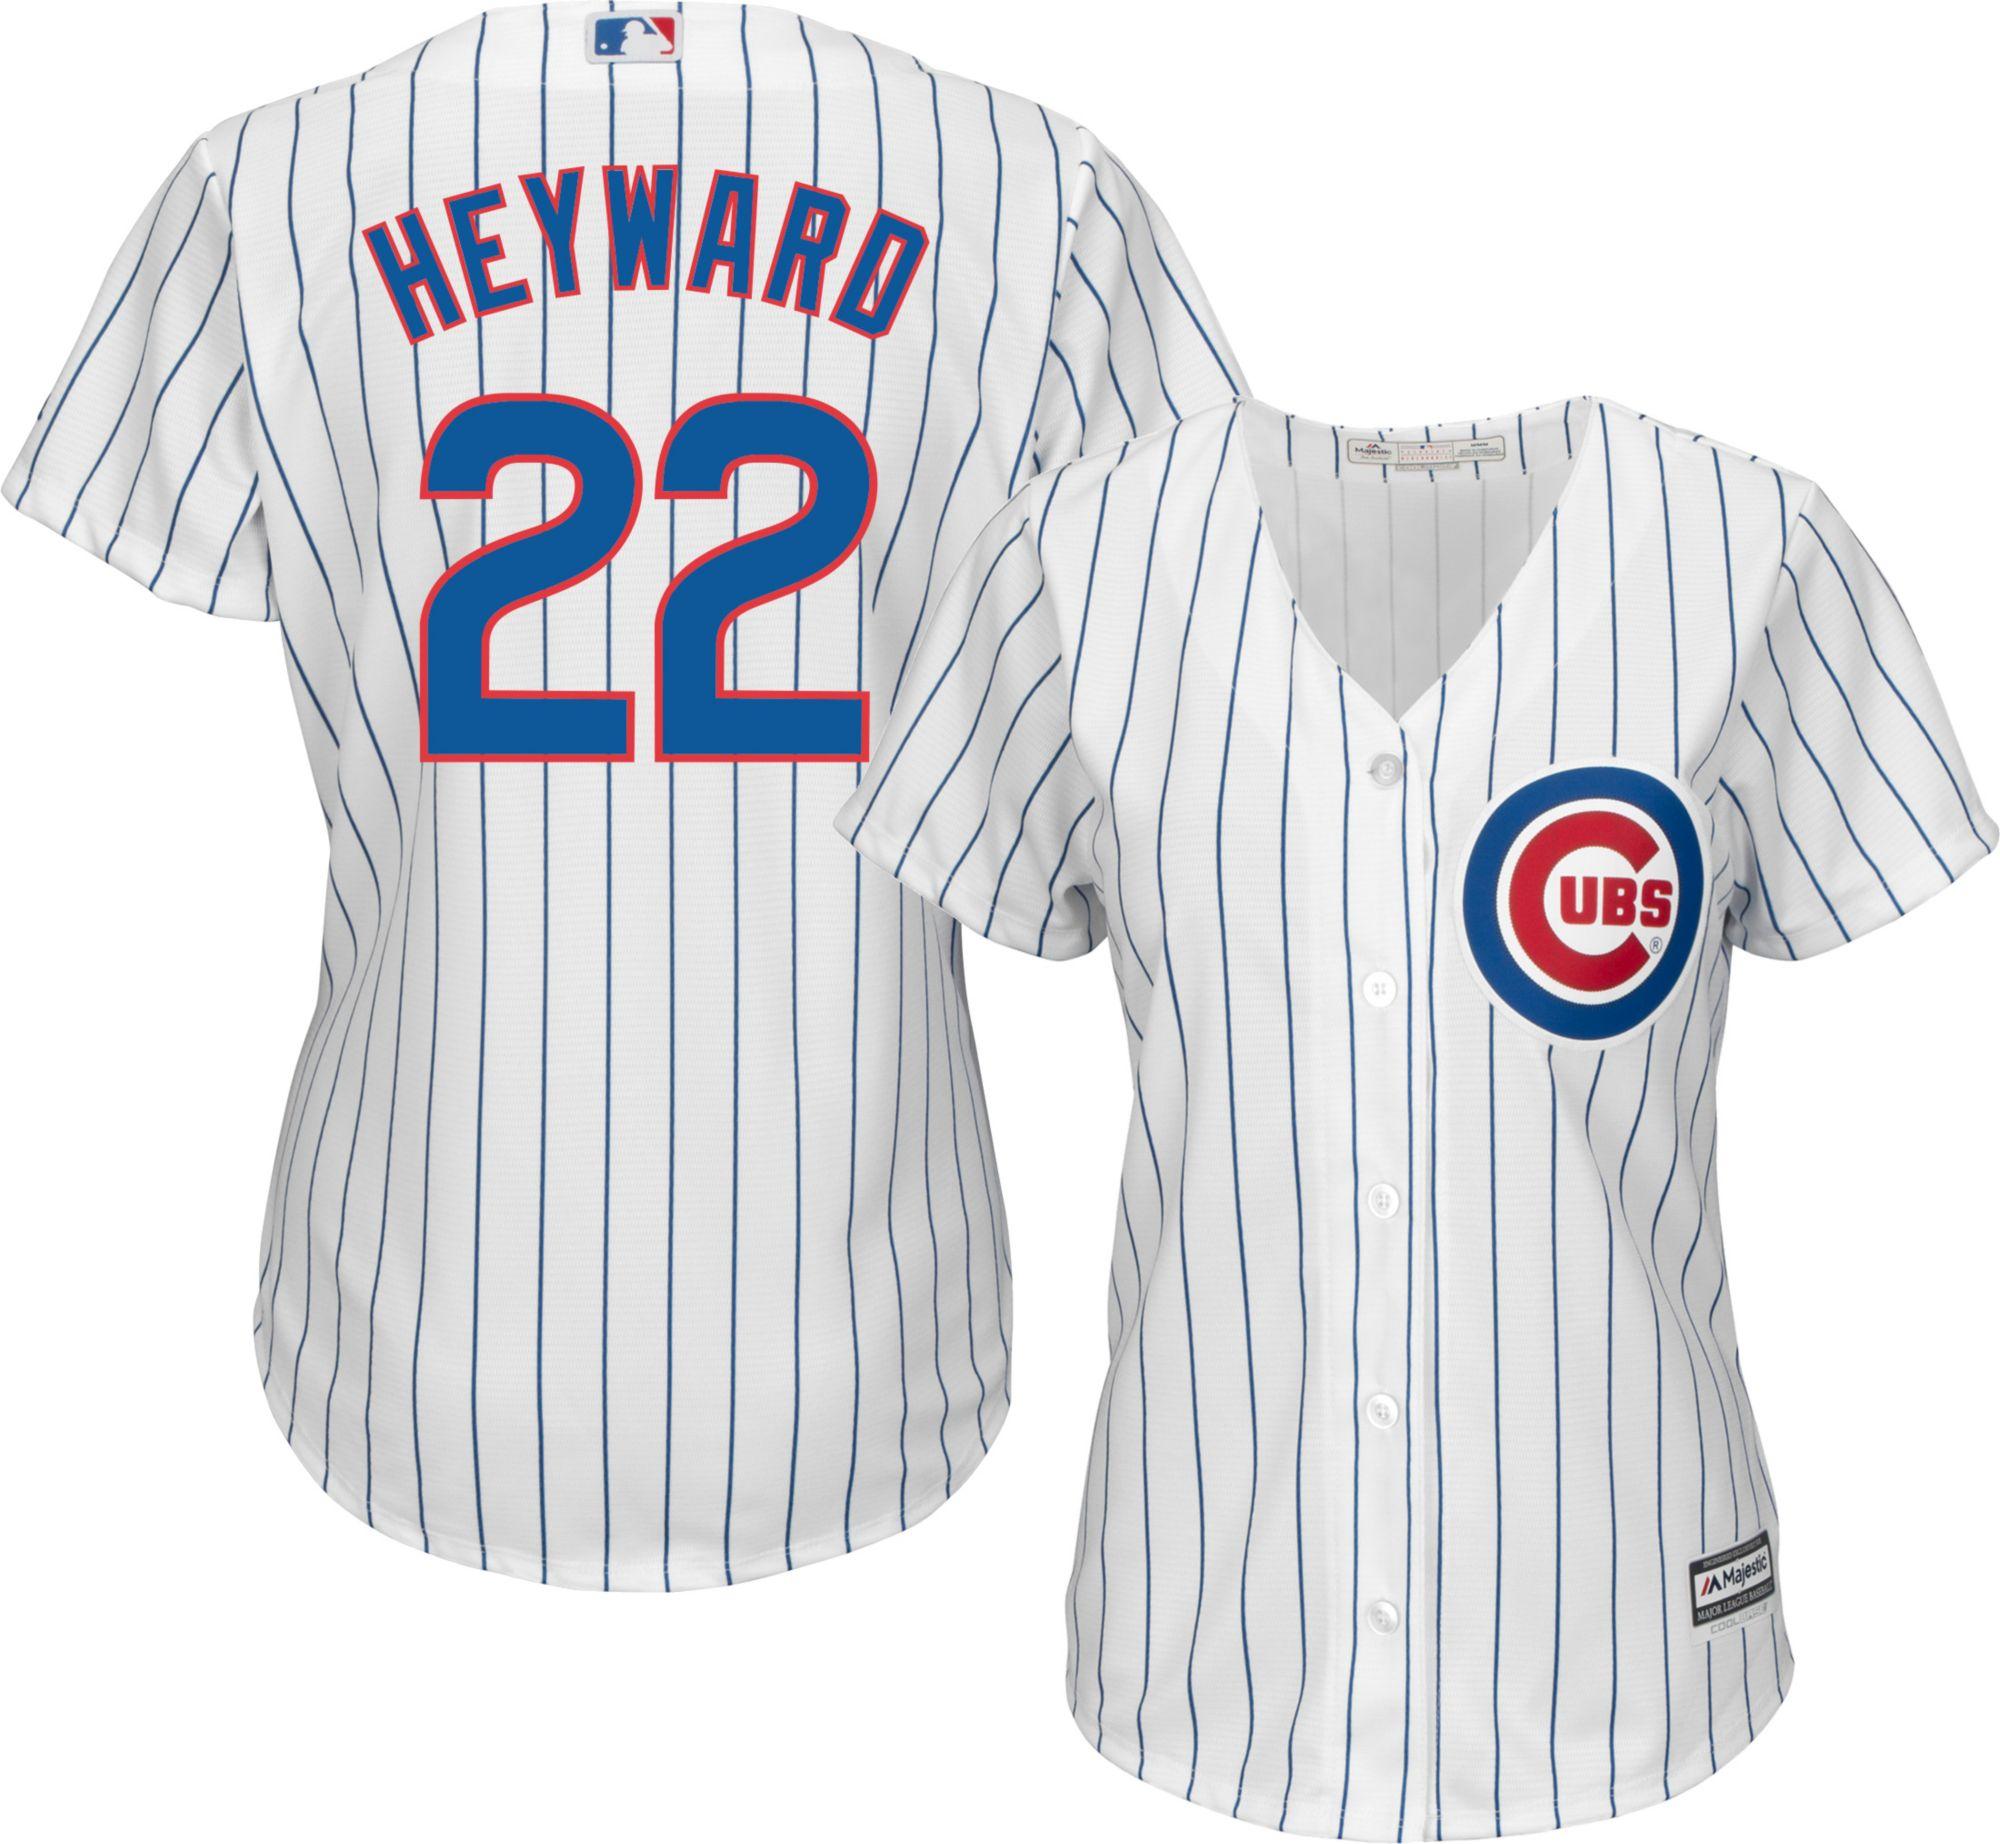 jason heyward jersey